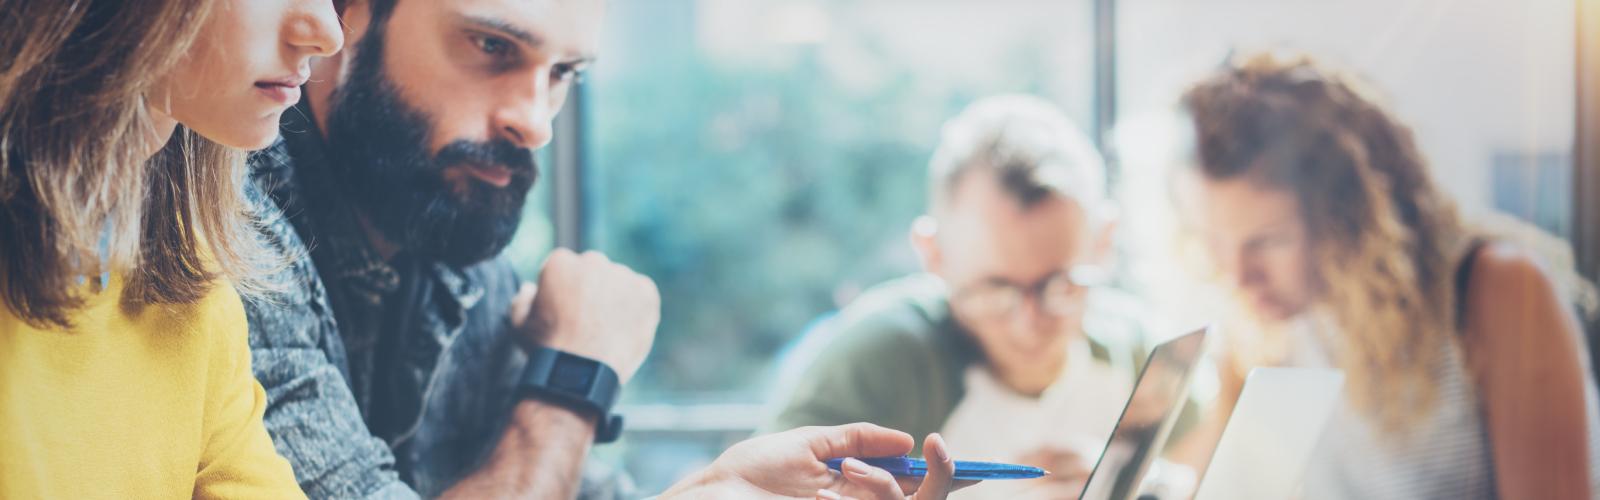 5 redenen waarom uw start-up gebruik moet maken van een CRM-systeem